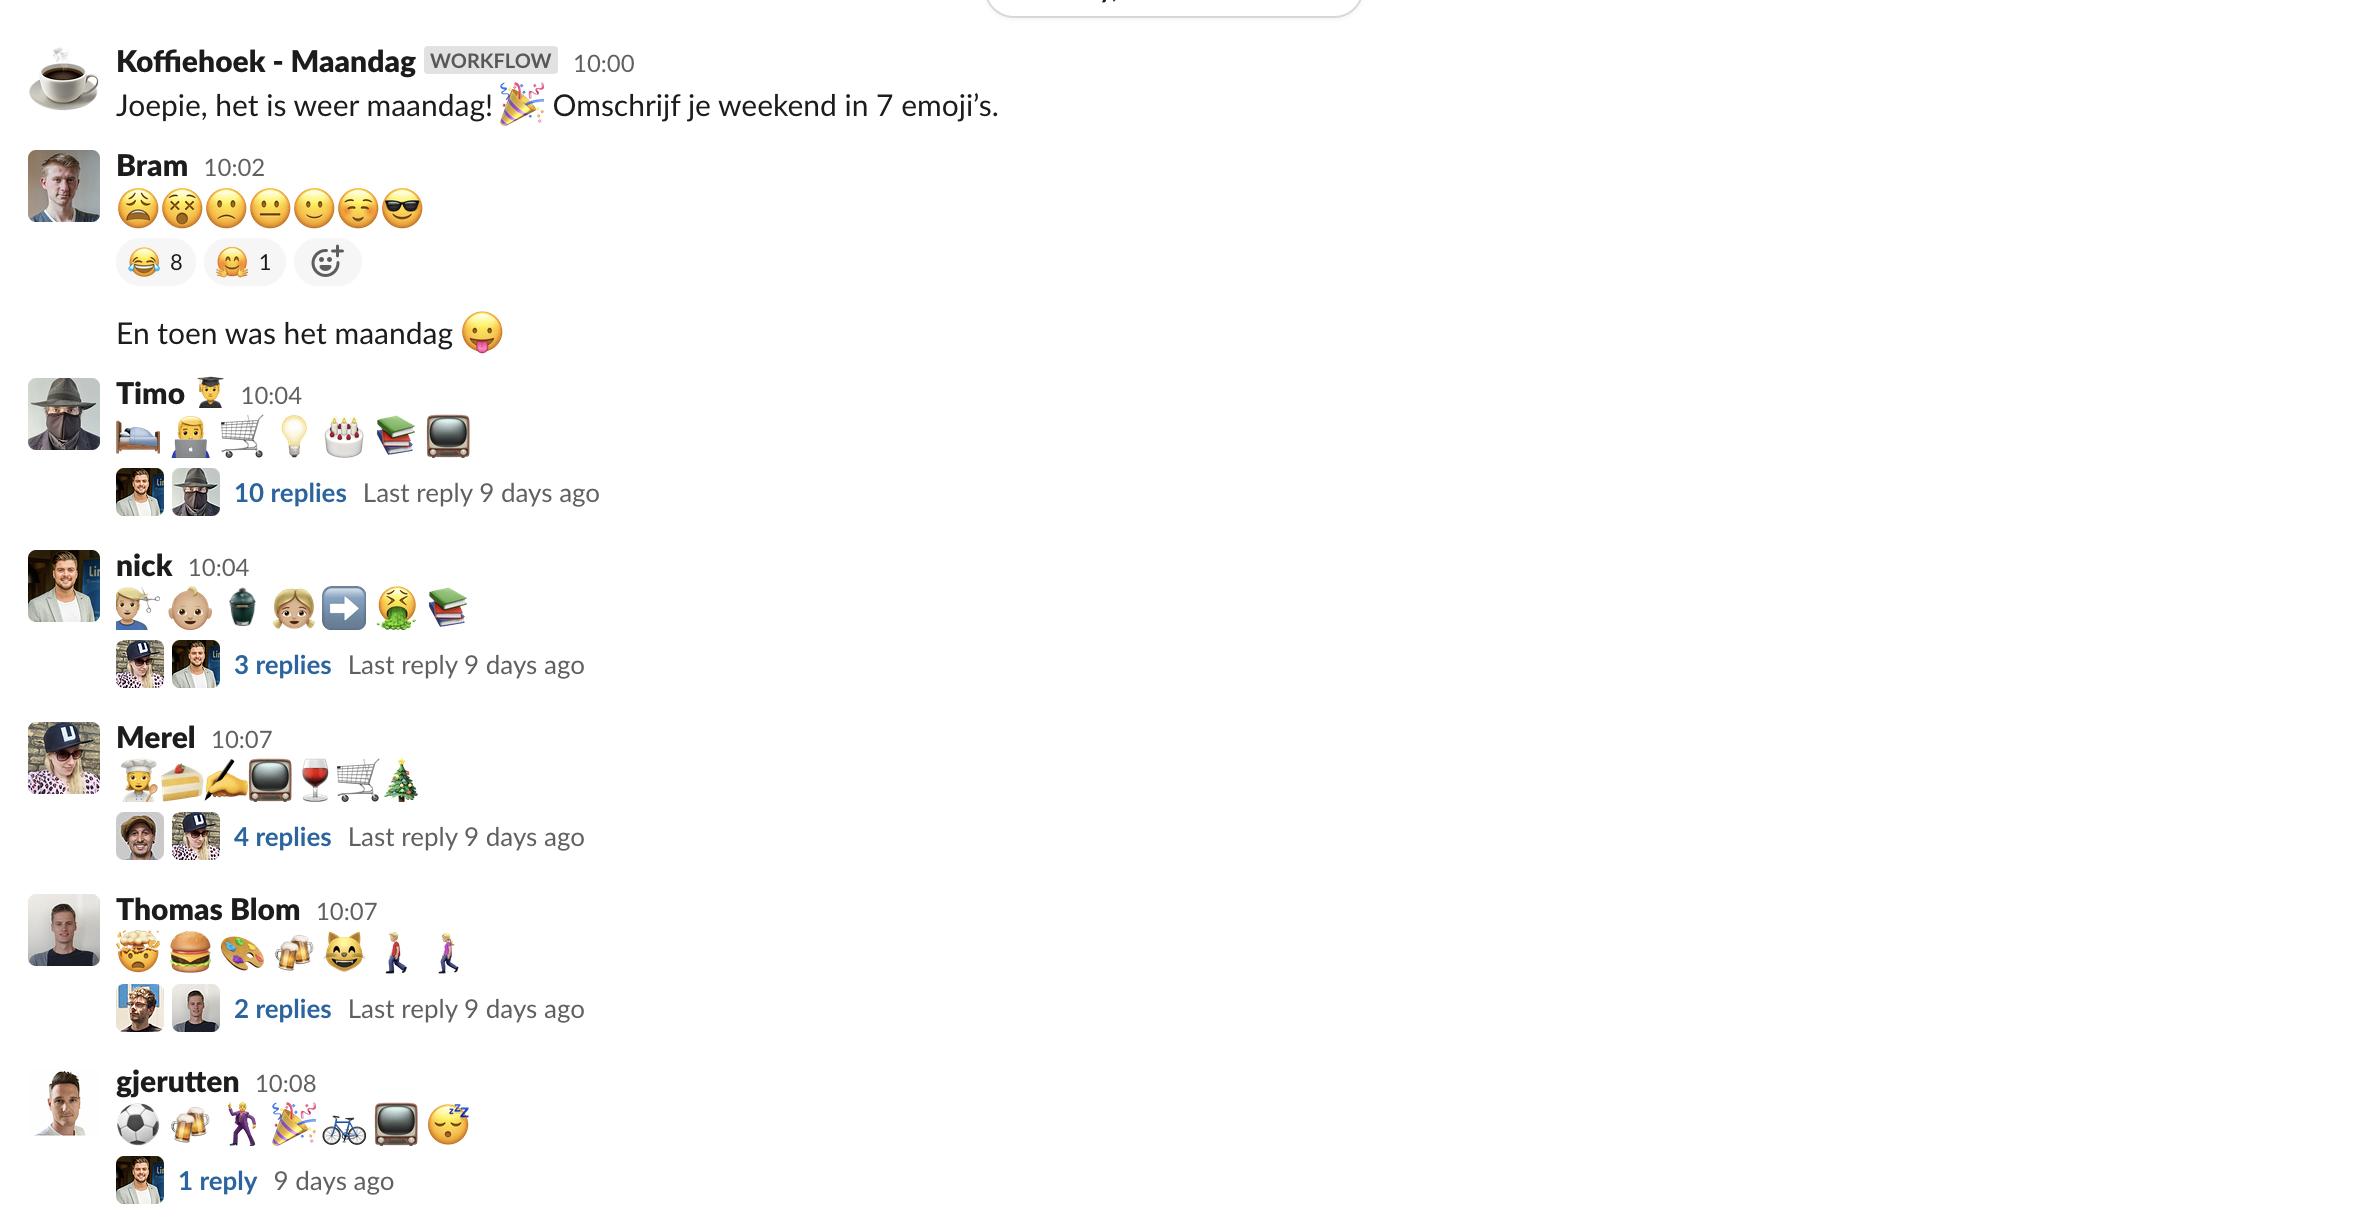 Een screenshot van onze Slackgeschiedenis